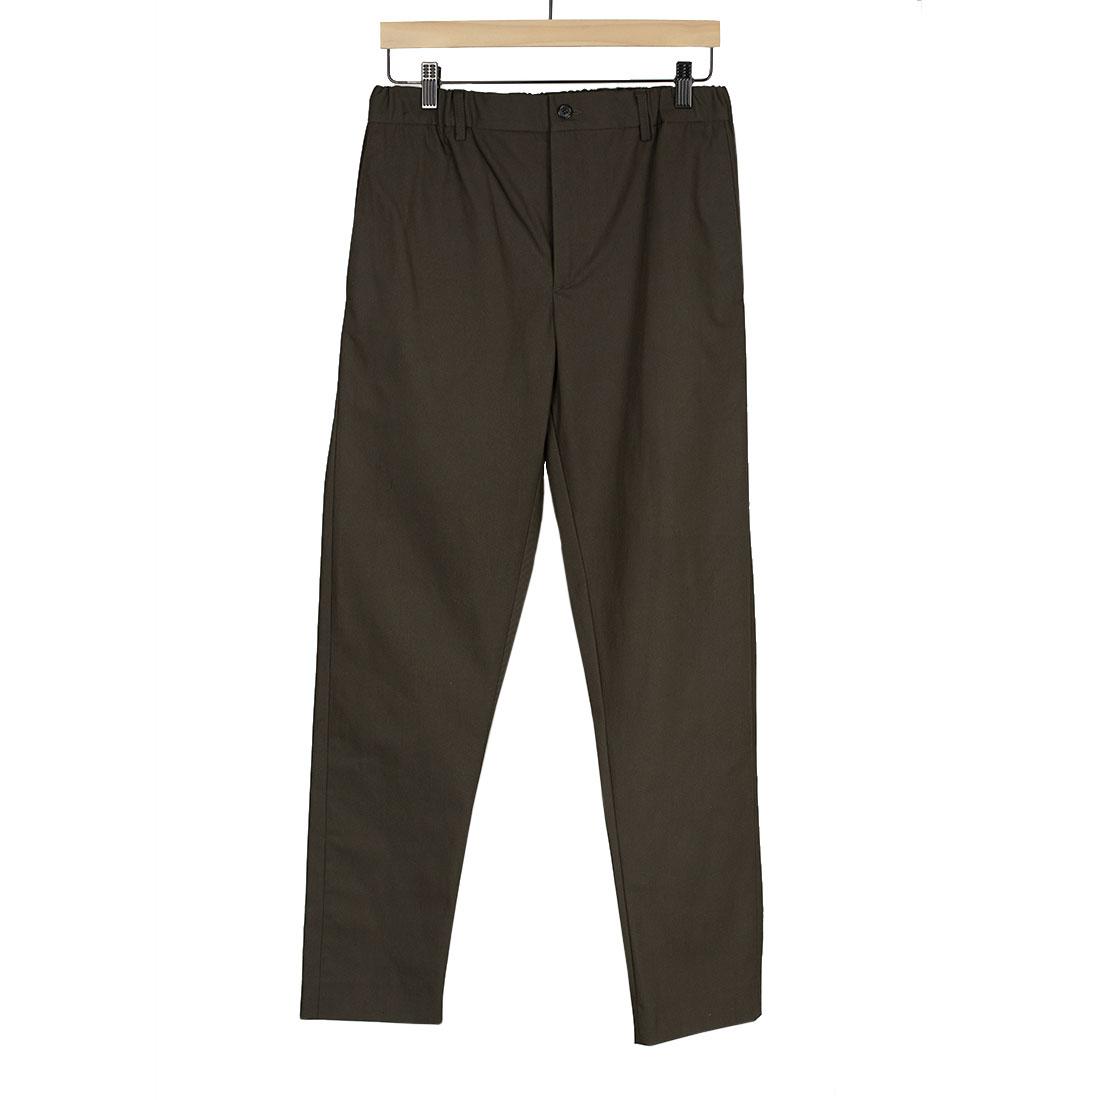 Stephan Schneider Spring Summer 2021 SS21 cotton nylon easy pants (9).jpg